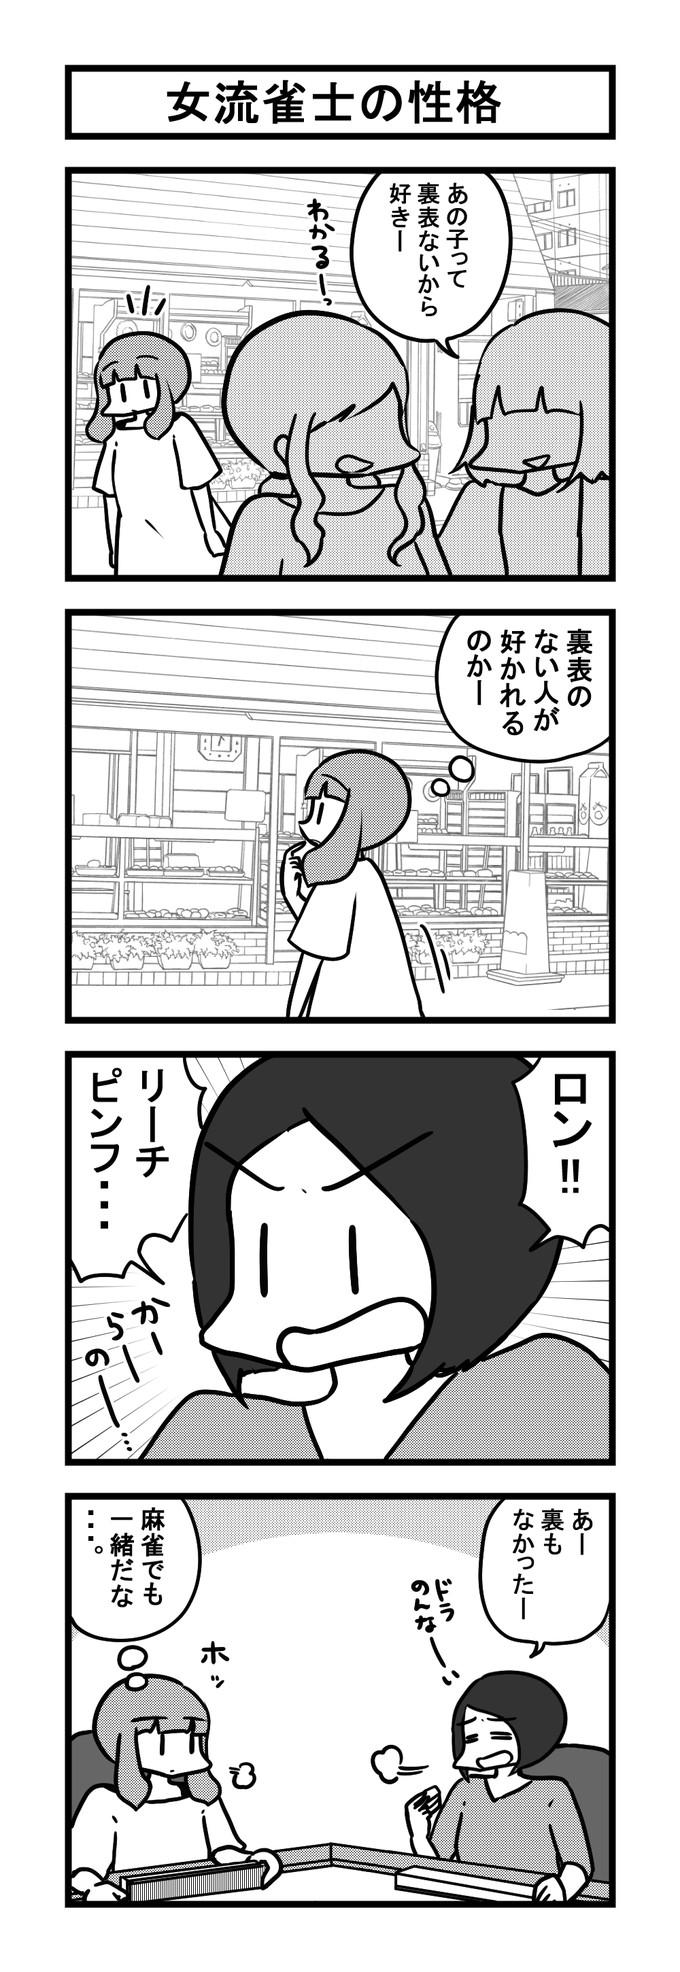 938女流雀士の性格-min